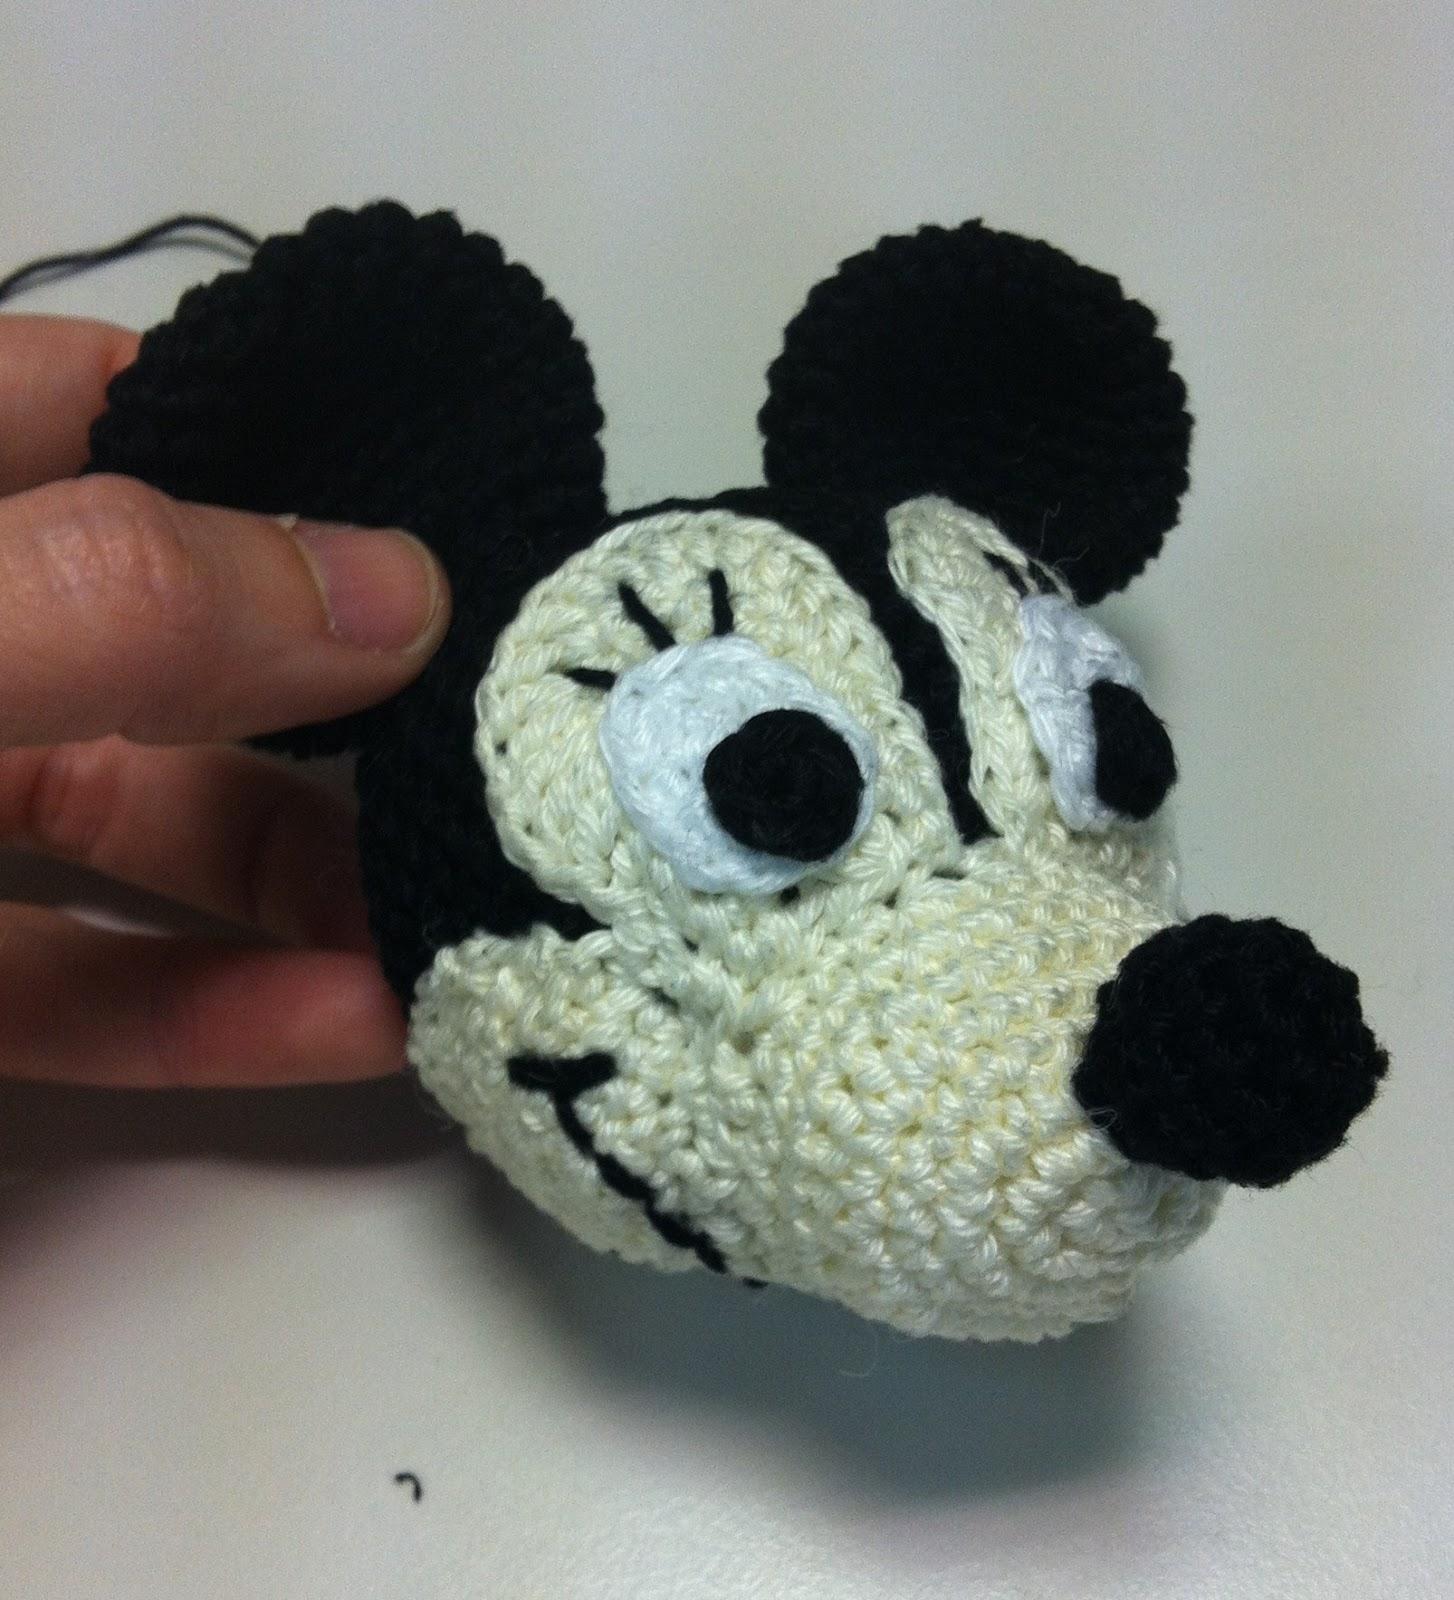 Juego De Baño A Crochet Patrones:Patrones De Juegos Bano Tejidos A Crochet Ropa Accesorios And Post